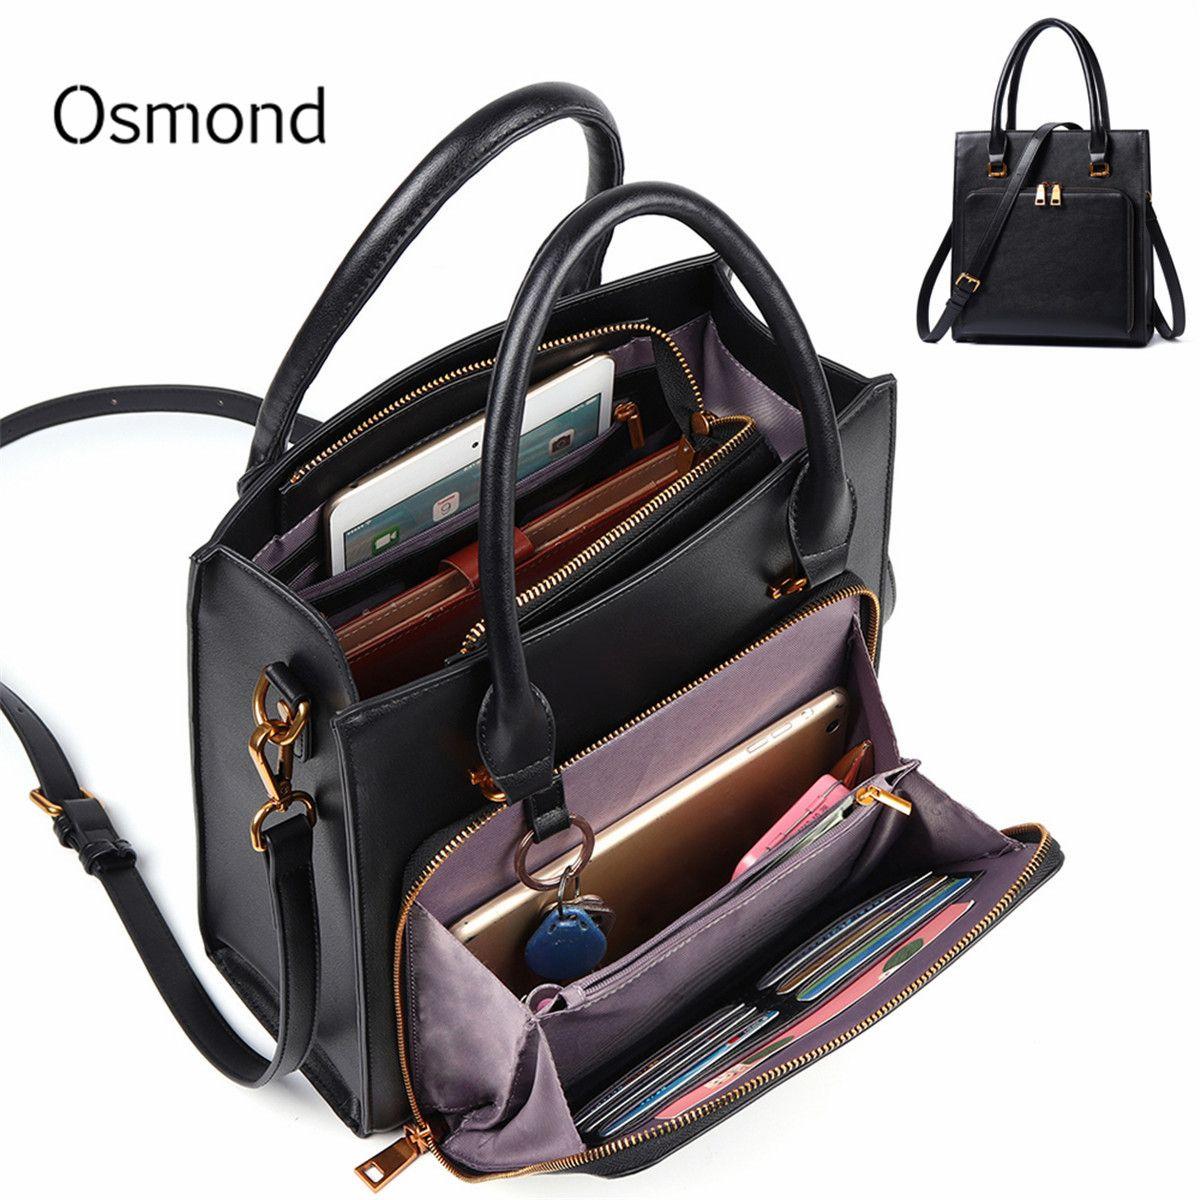 Feminina Bolsa luxe femmes solide multifonction sac à main grande capacité bandoulière sac à bandoulière en cuir embrayage femme sacs à main fourre-tout